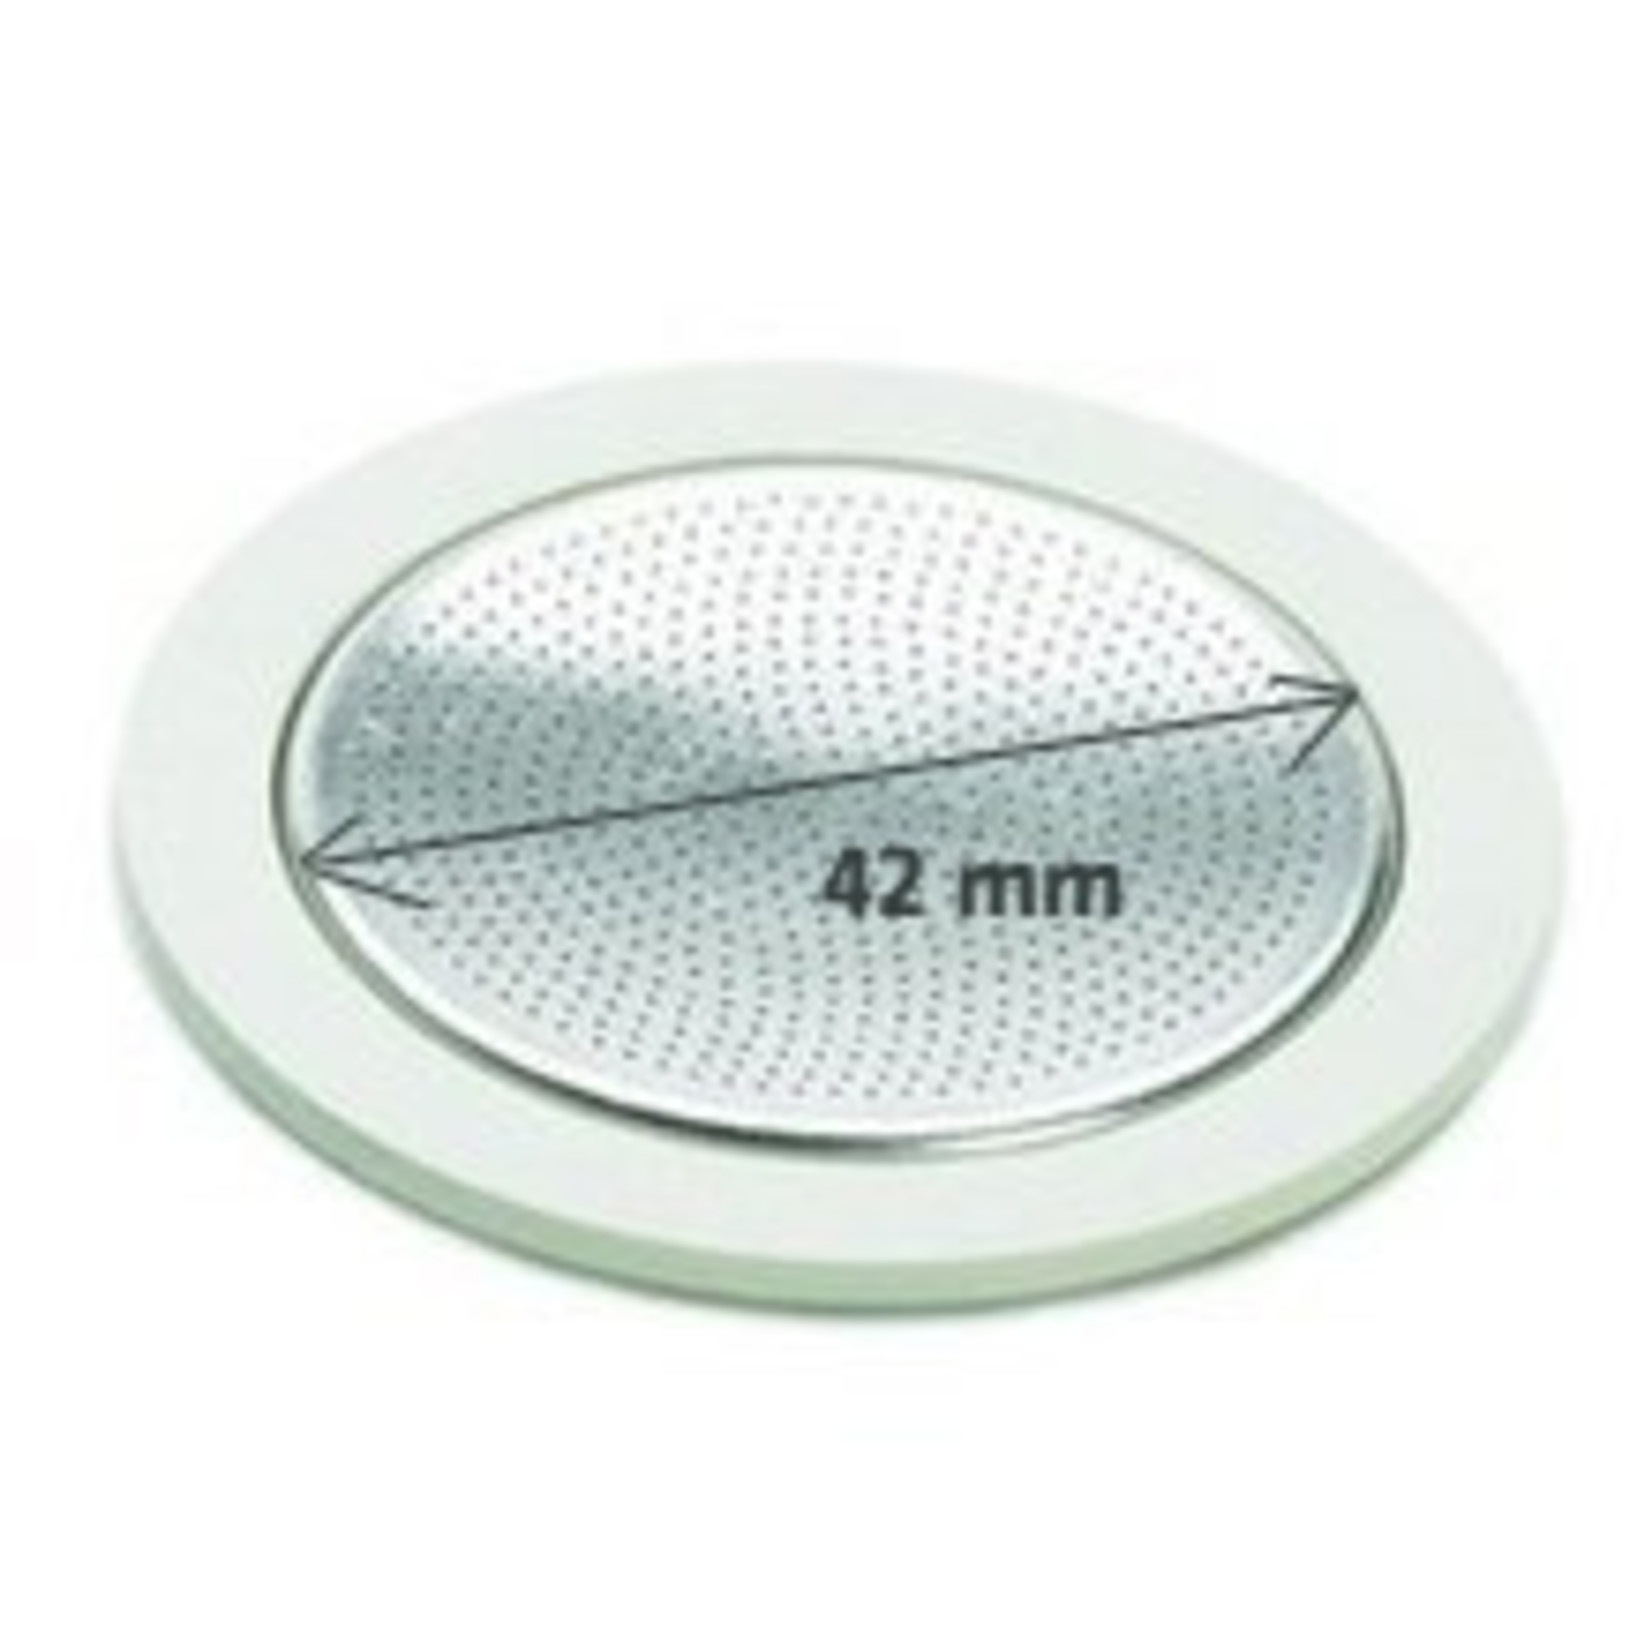 Bialetti Bialetti filterplaatje met rubberen ringen 2 kops RVS